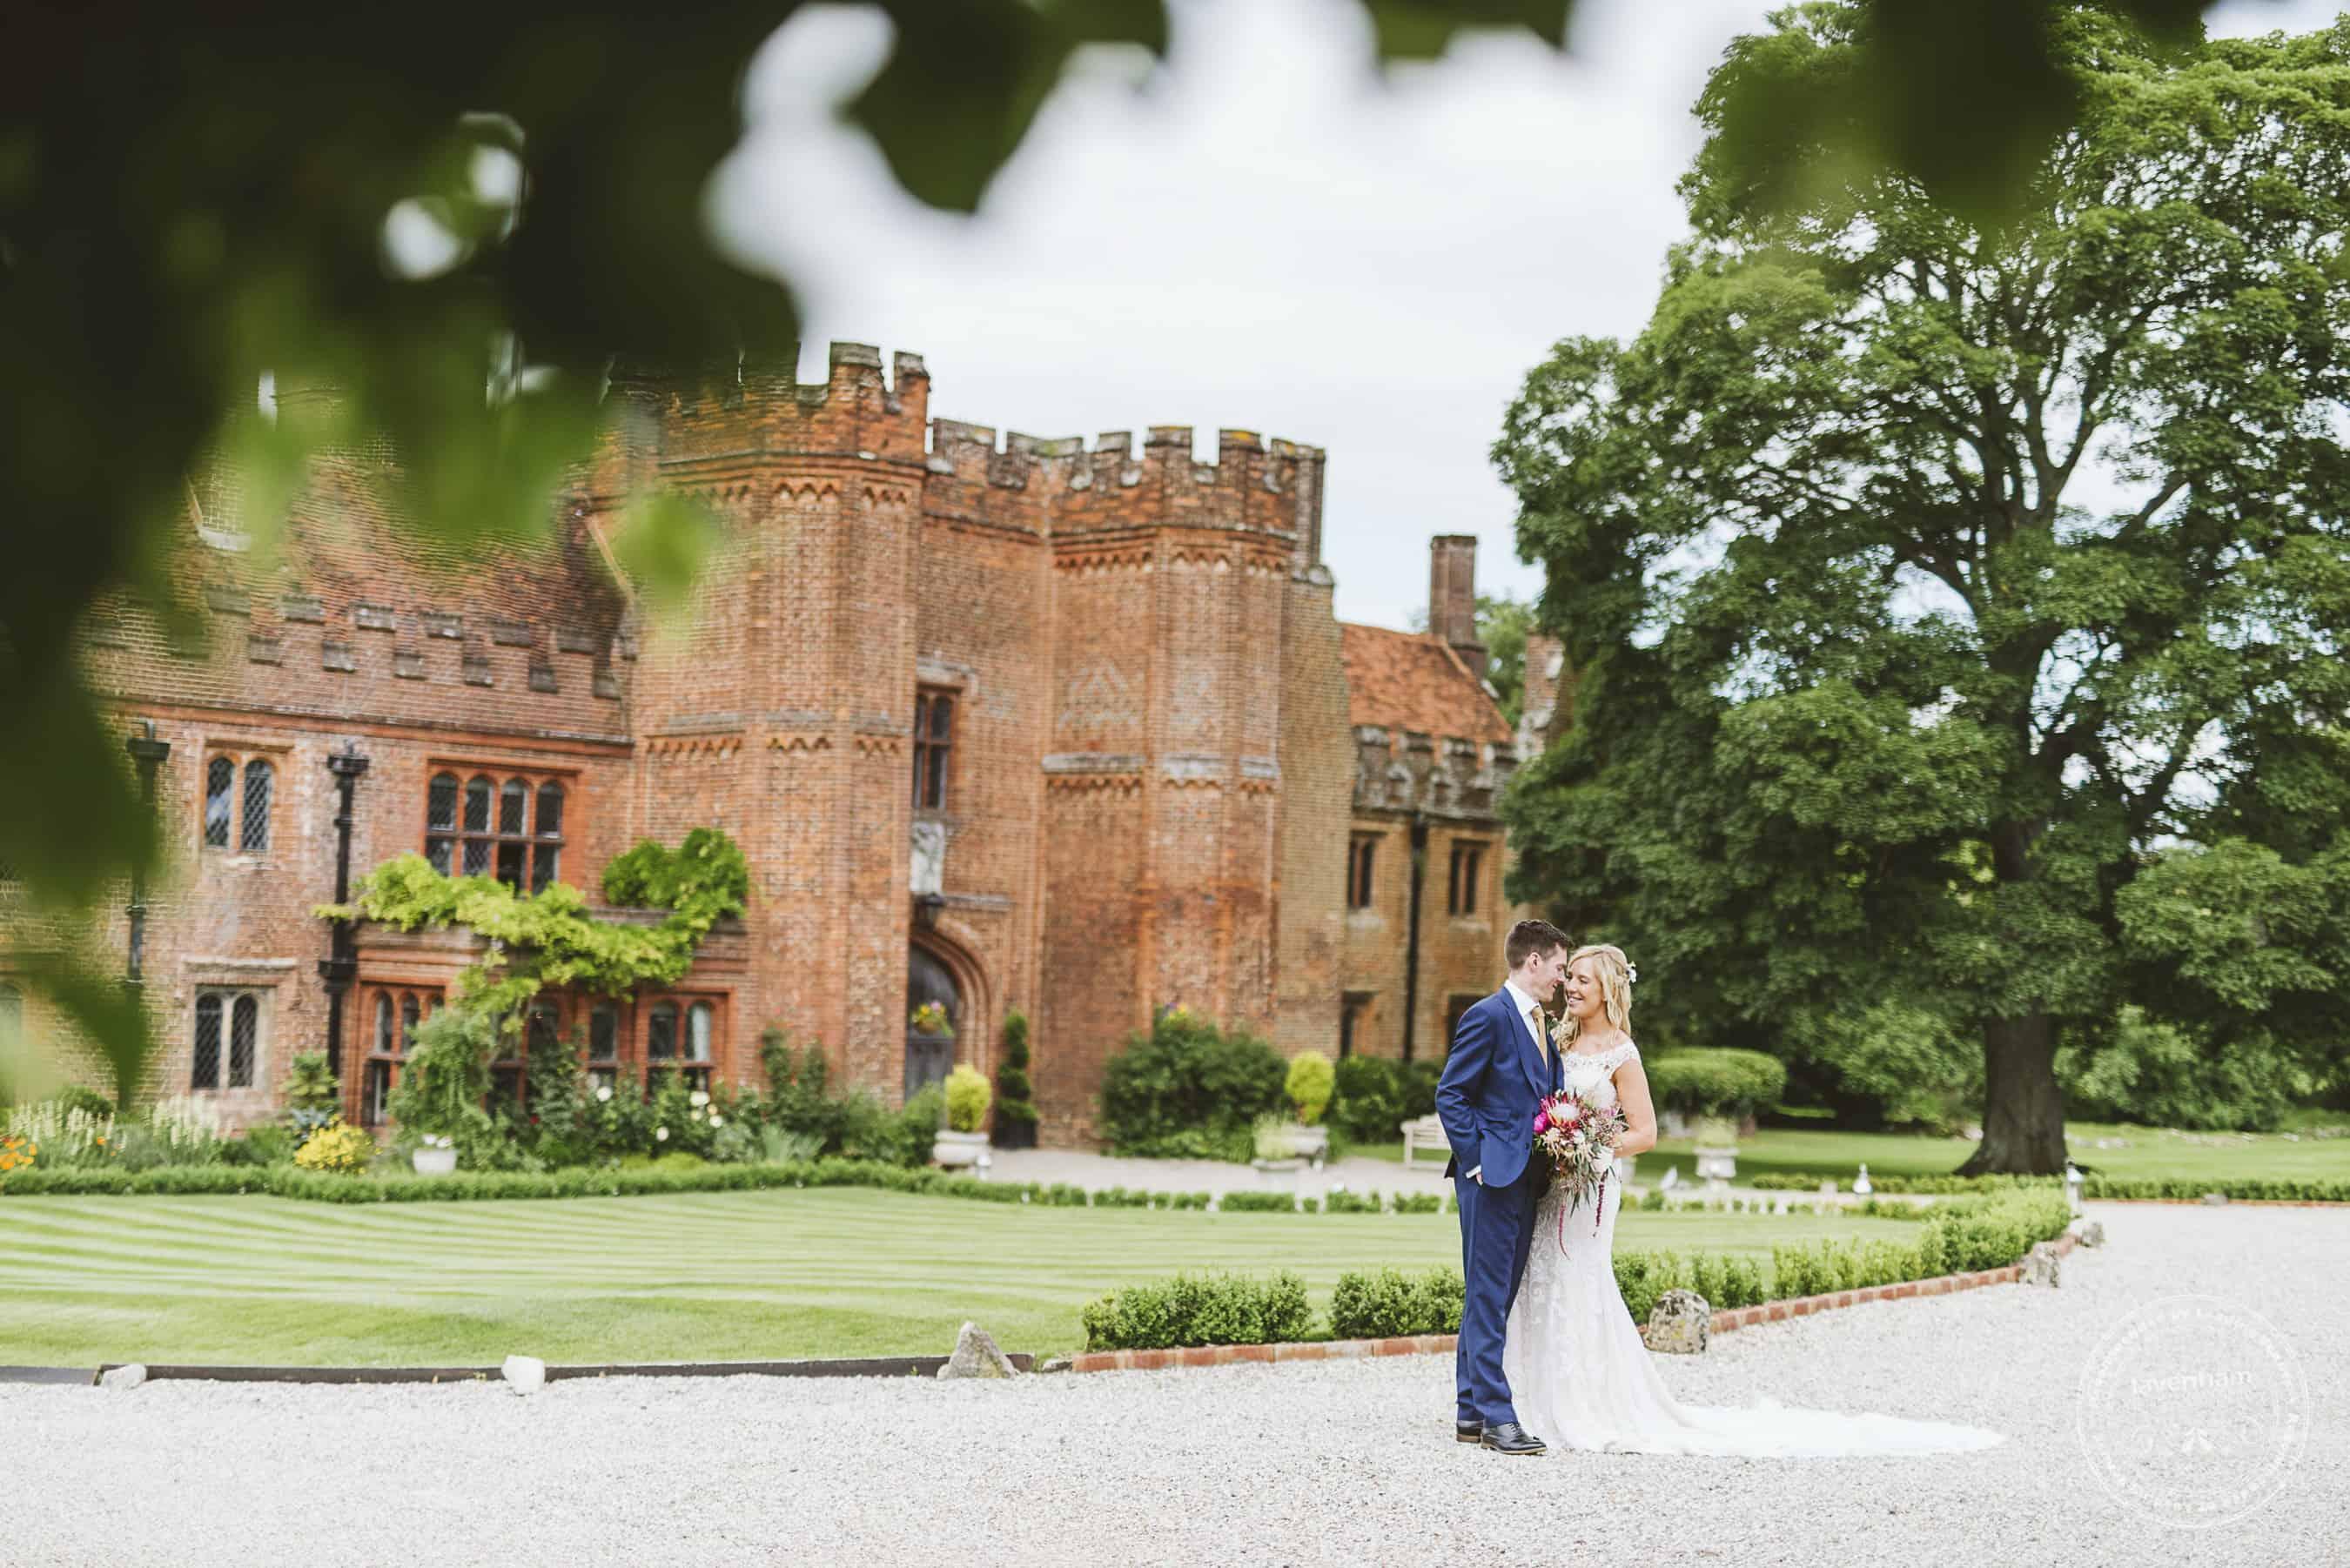 020618 Leez Priory Wedding Photography Lavenham Photographic 122